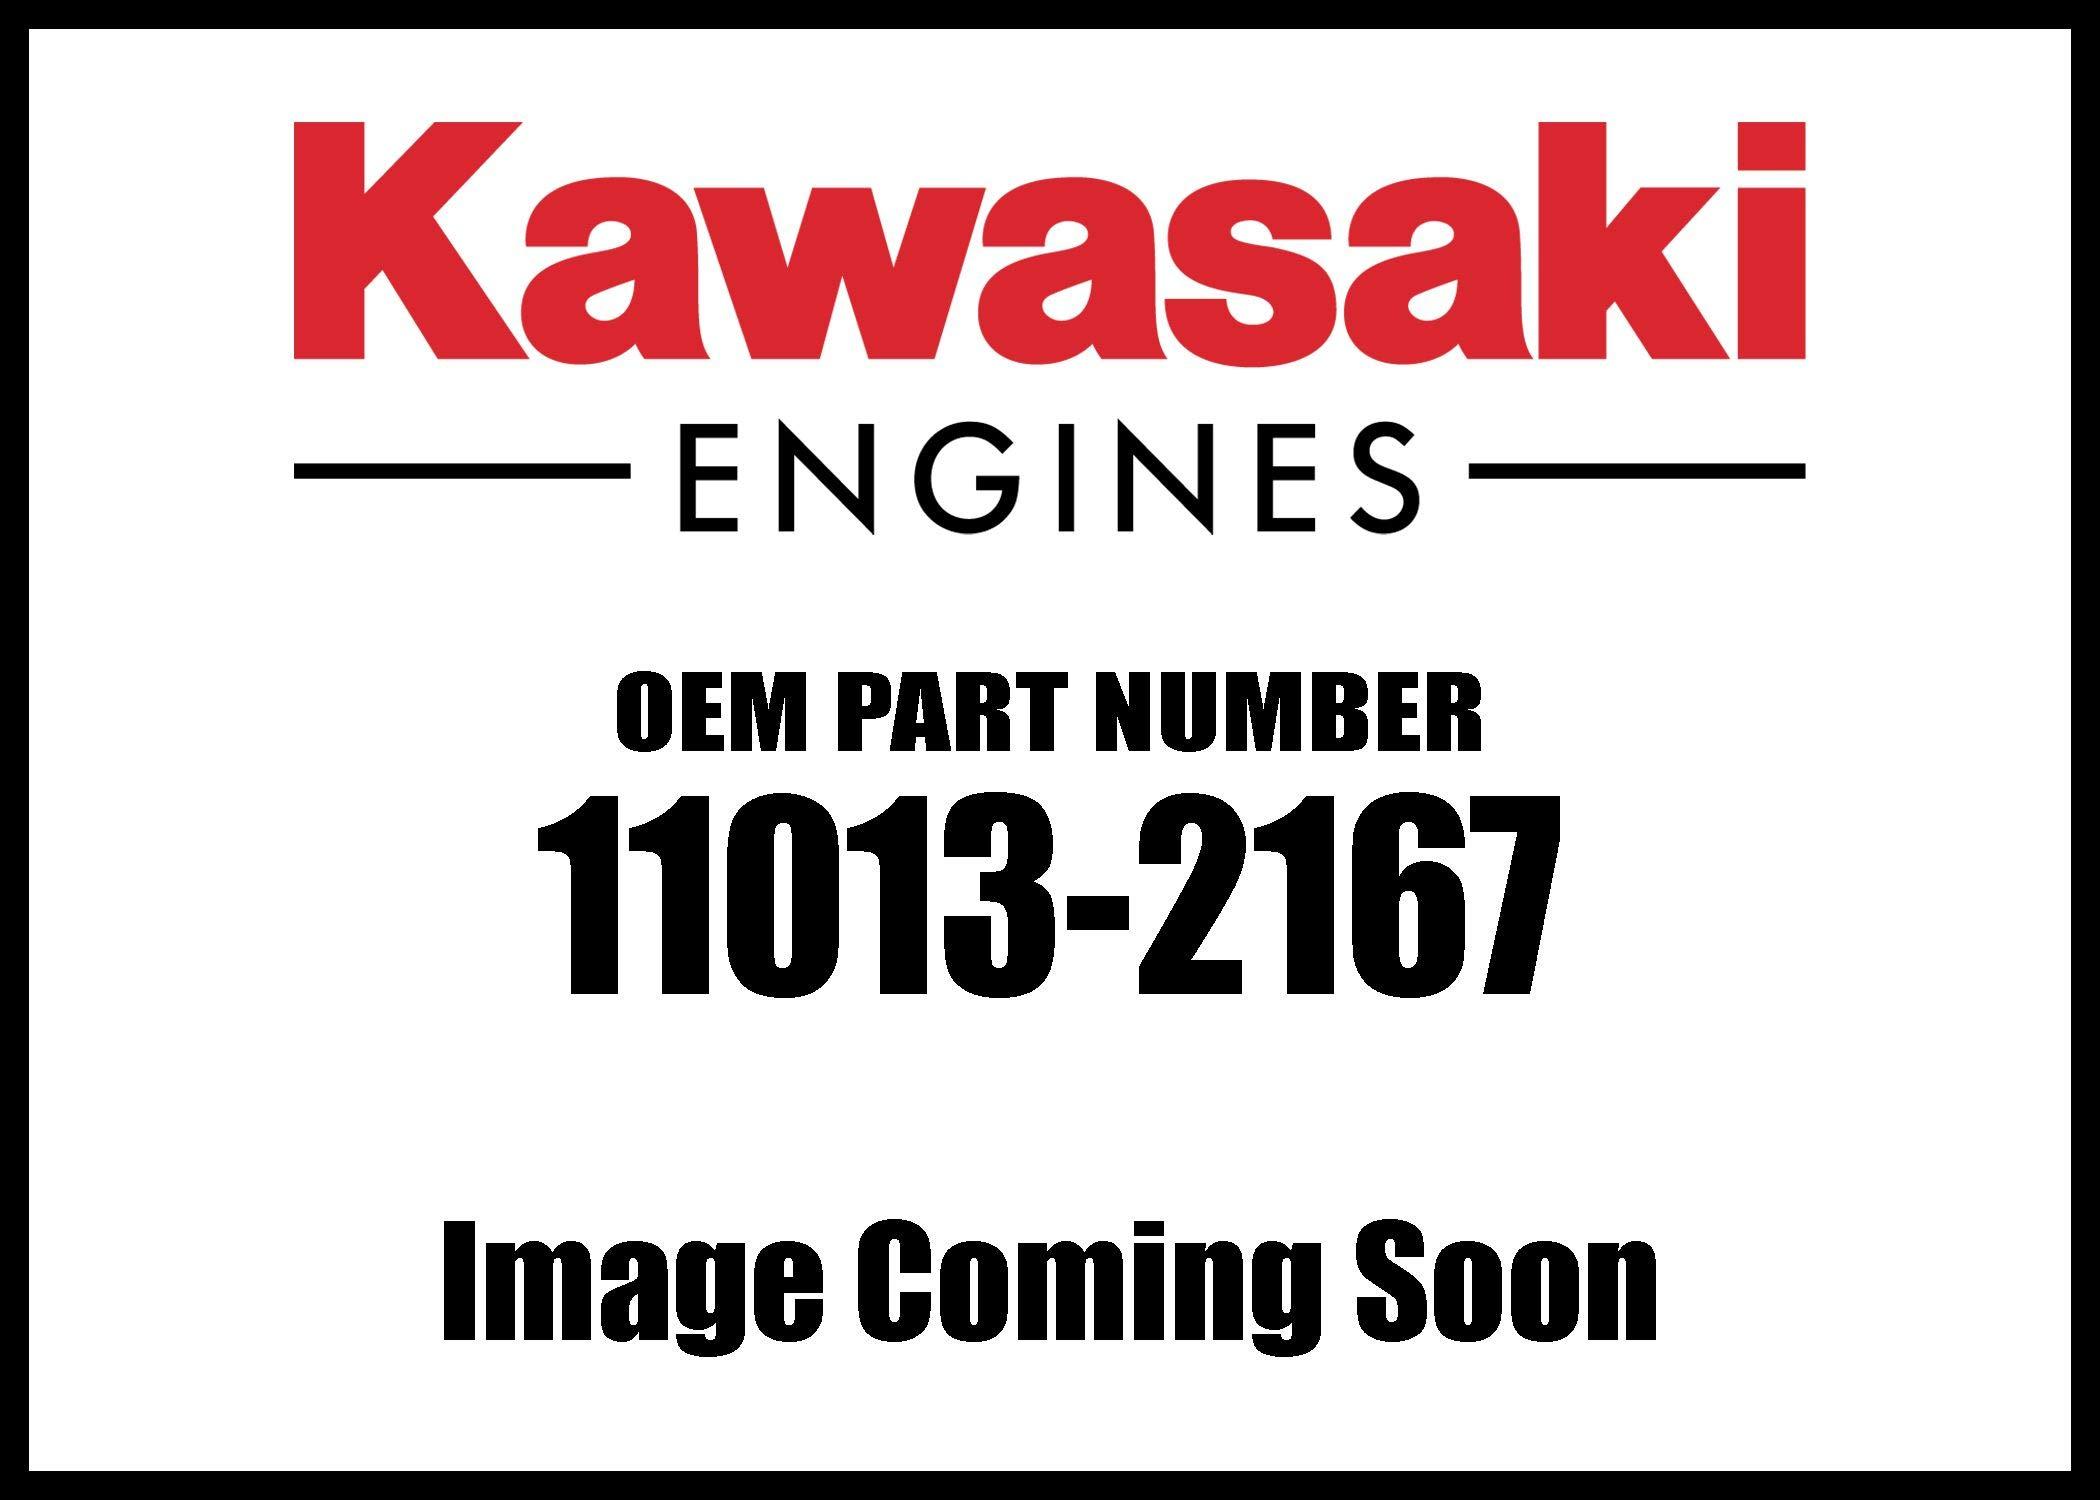 Kawasaki Engine Element Air Filterth1 11013-2167 New OEM